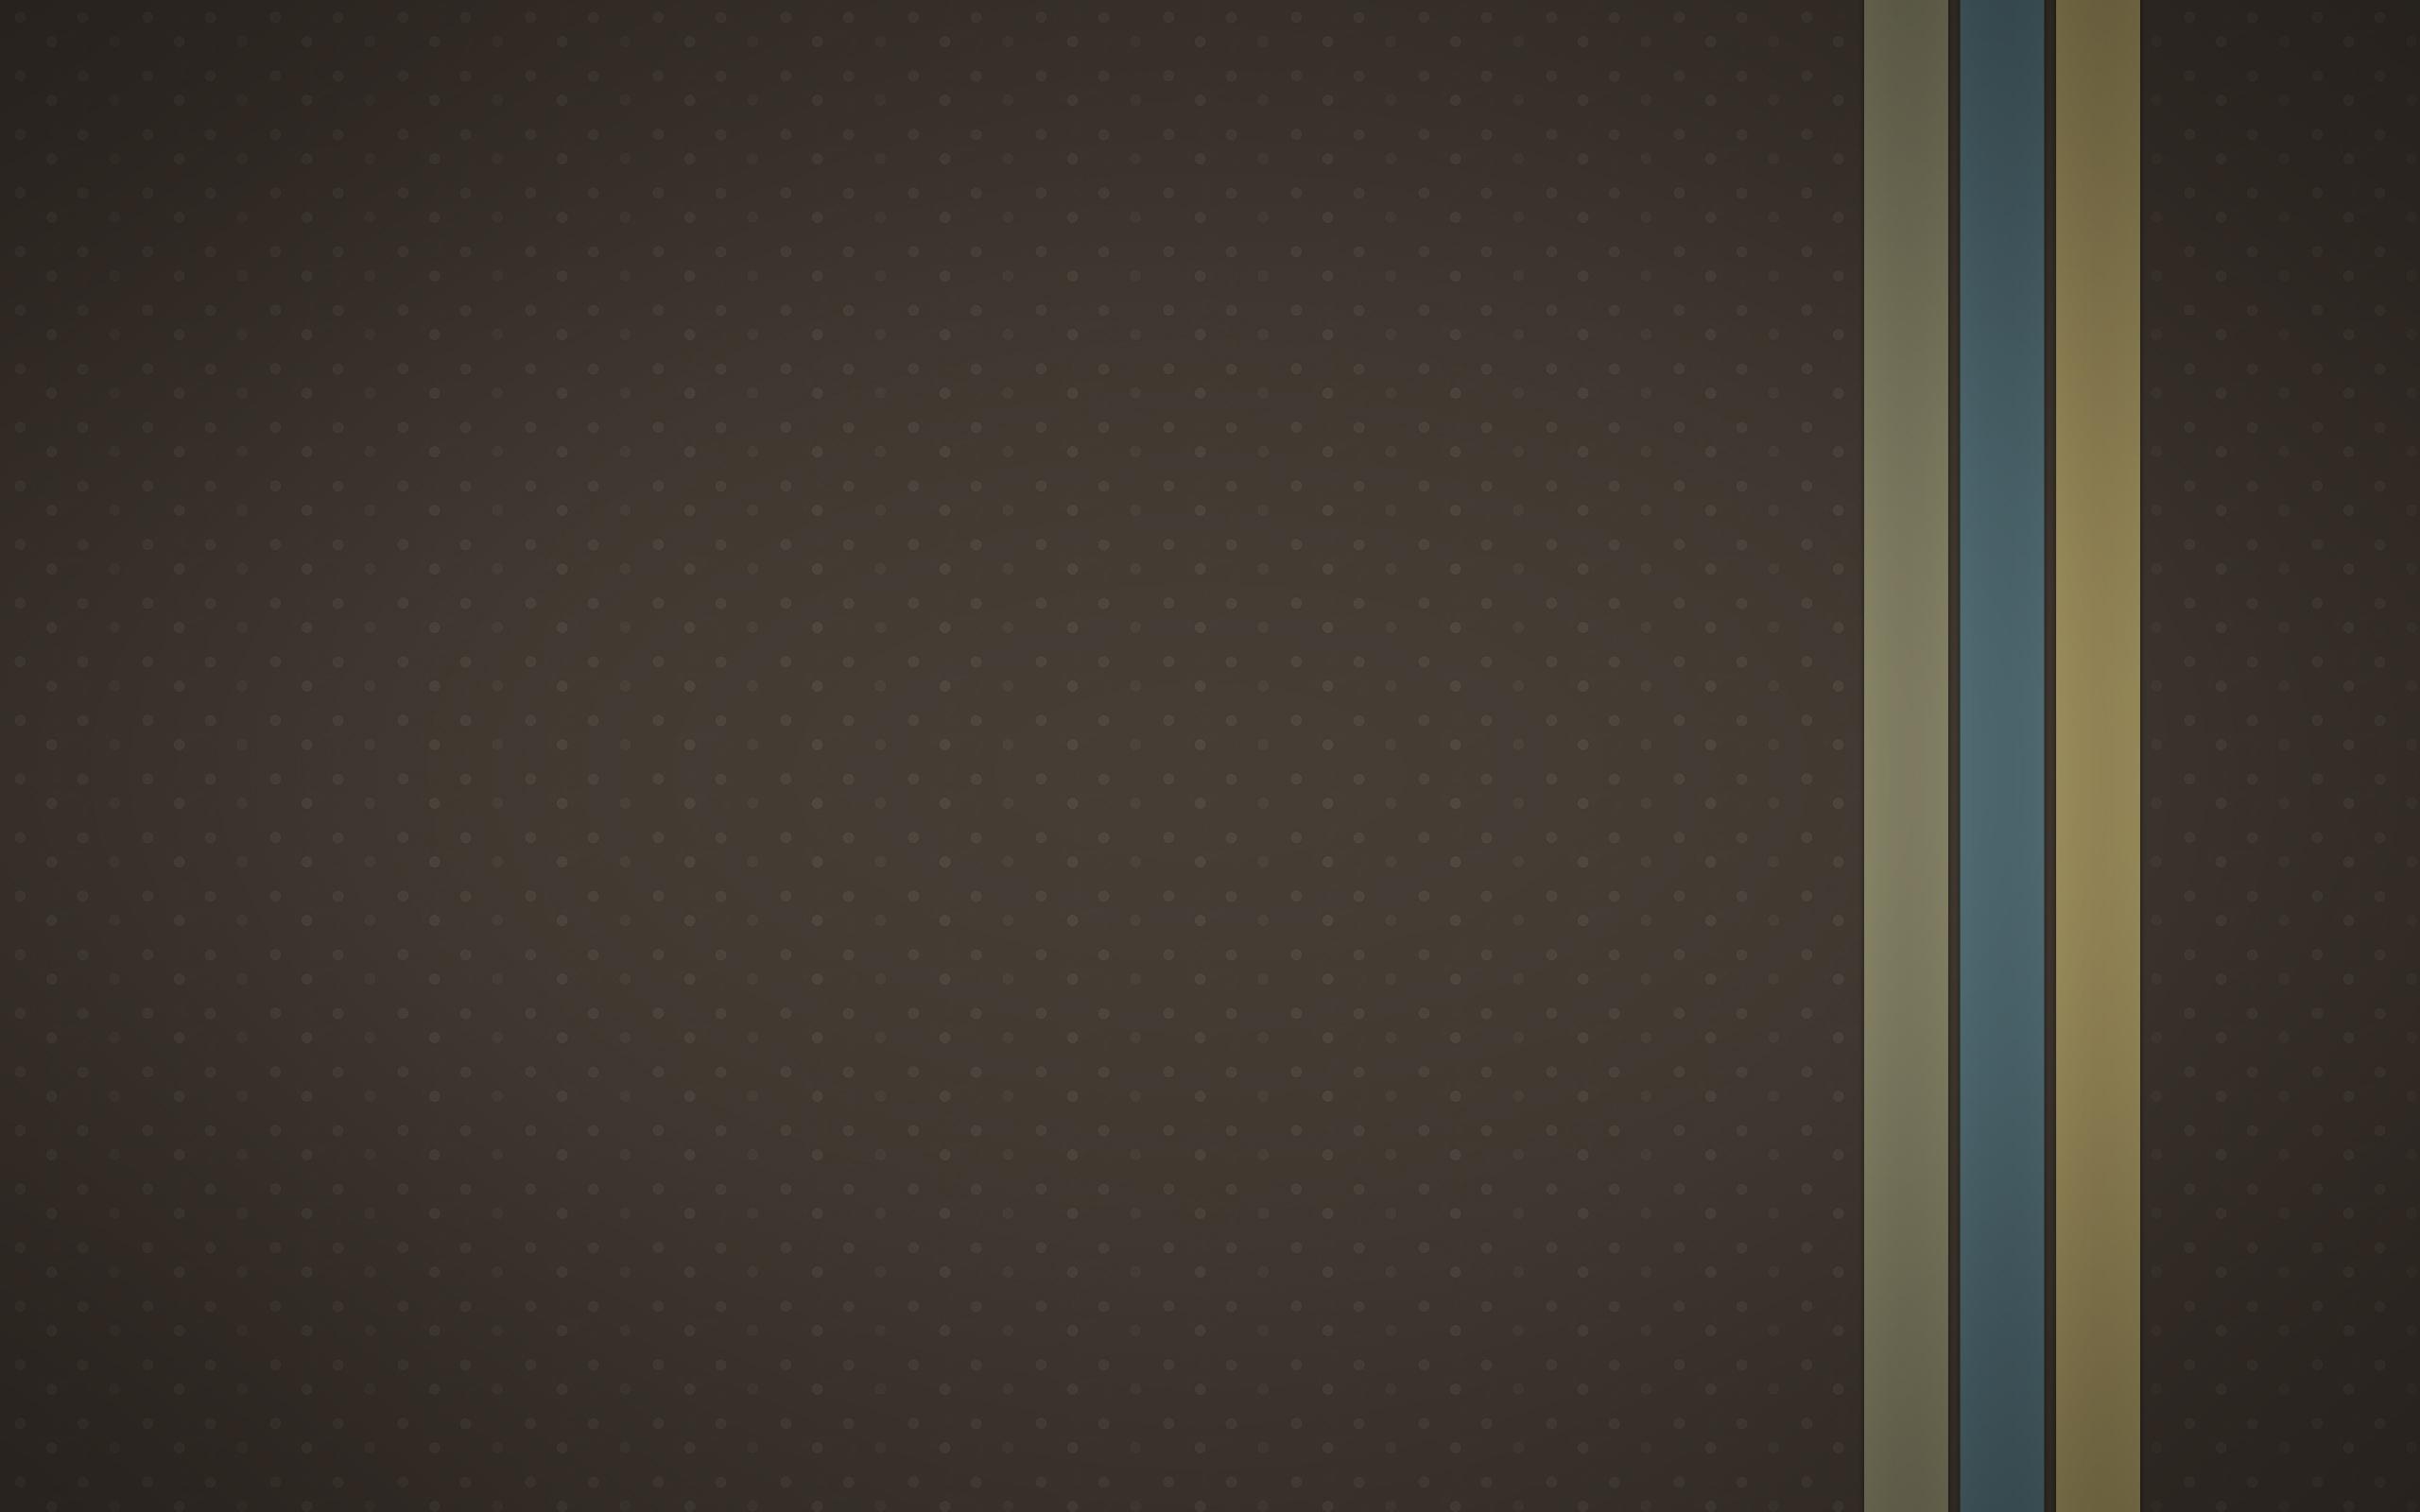 minimalist wallpaper 5737